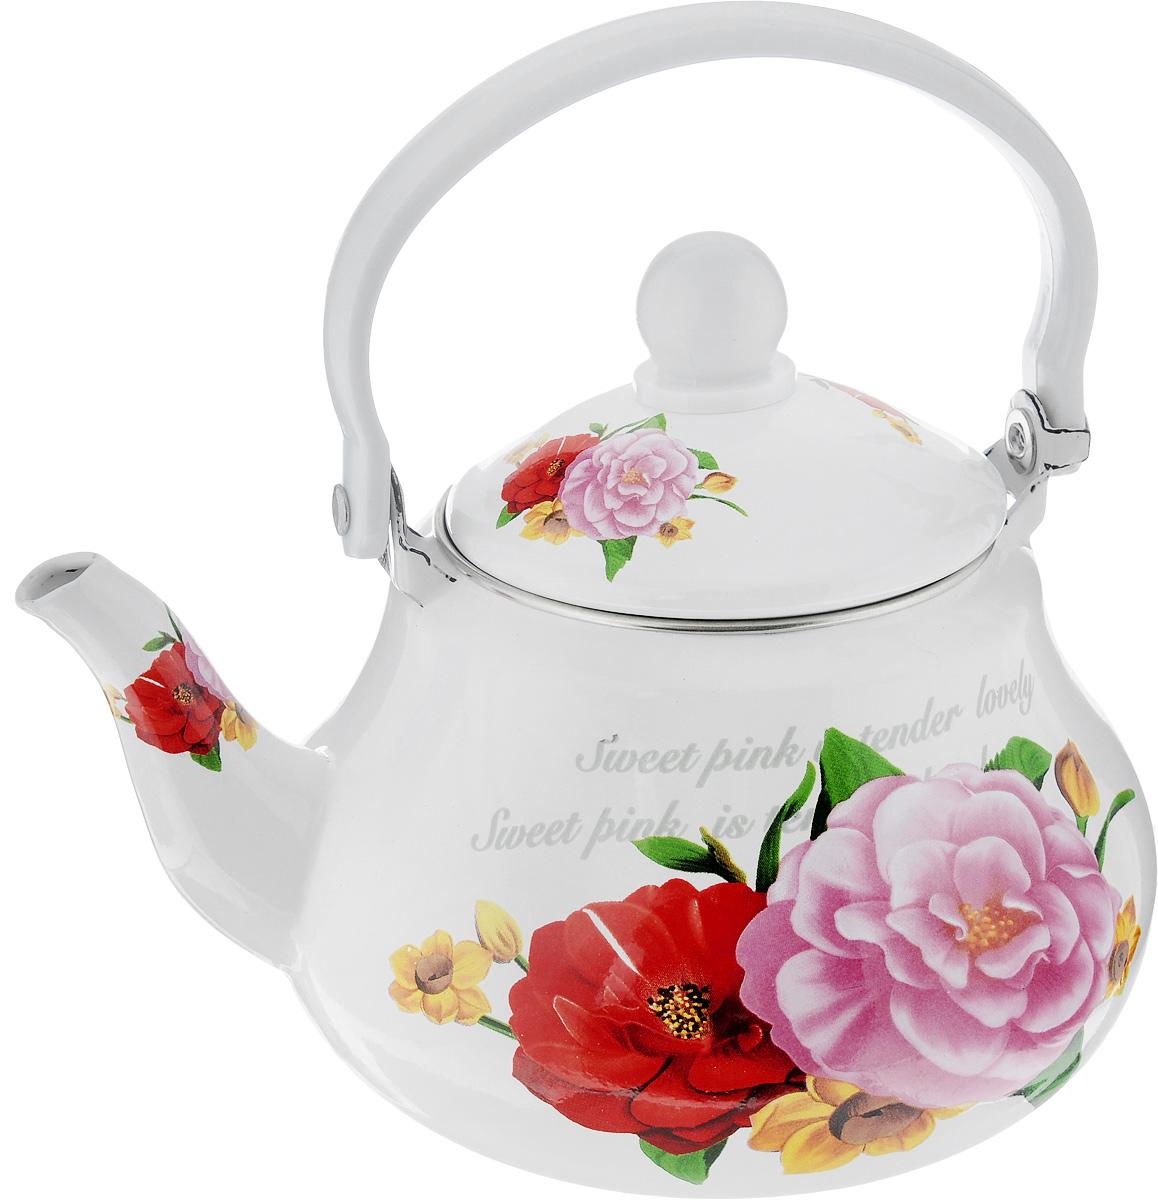 Чайник заварочный Mayer & Boch Розы, с ситечком, 1,5л115610Чайник изготовлен из высококачественной углеродистой стали с эмалированным покрытием. Такой чайник гигиеничен и устойчив к износу при длительном использовании. Изделие украшено ярким рисунком с изображением цветов. Чайник оснащен металлическим ситечком, которое не позволит чаинкам попасть в чашку, при этом сохранит букет и насыщенность чая. Чайник подходит для всех видов плит, включая индукционные. Его можно мыть в посудомоечной машине. Высота чайника (без учета ручки и крышки): 11,5 см.Высота чайника (с учетом ручки и крышки): 21 см. .Диаметр (по верхнему краю): 10 см. Диаметр индукционного диска: 9 см.Чайник подходит для использования на индукционной плите и его можно мыть в посудомоечной машине.